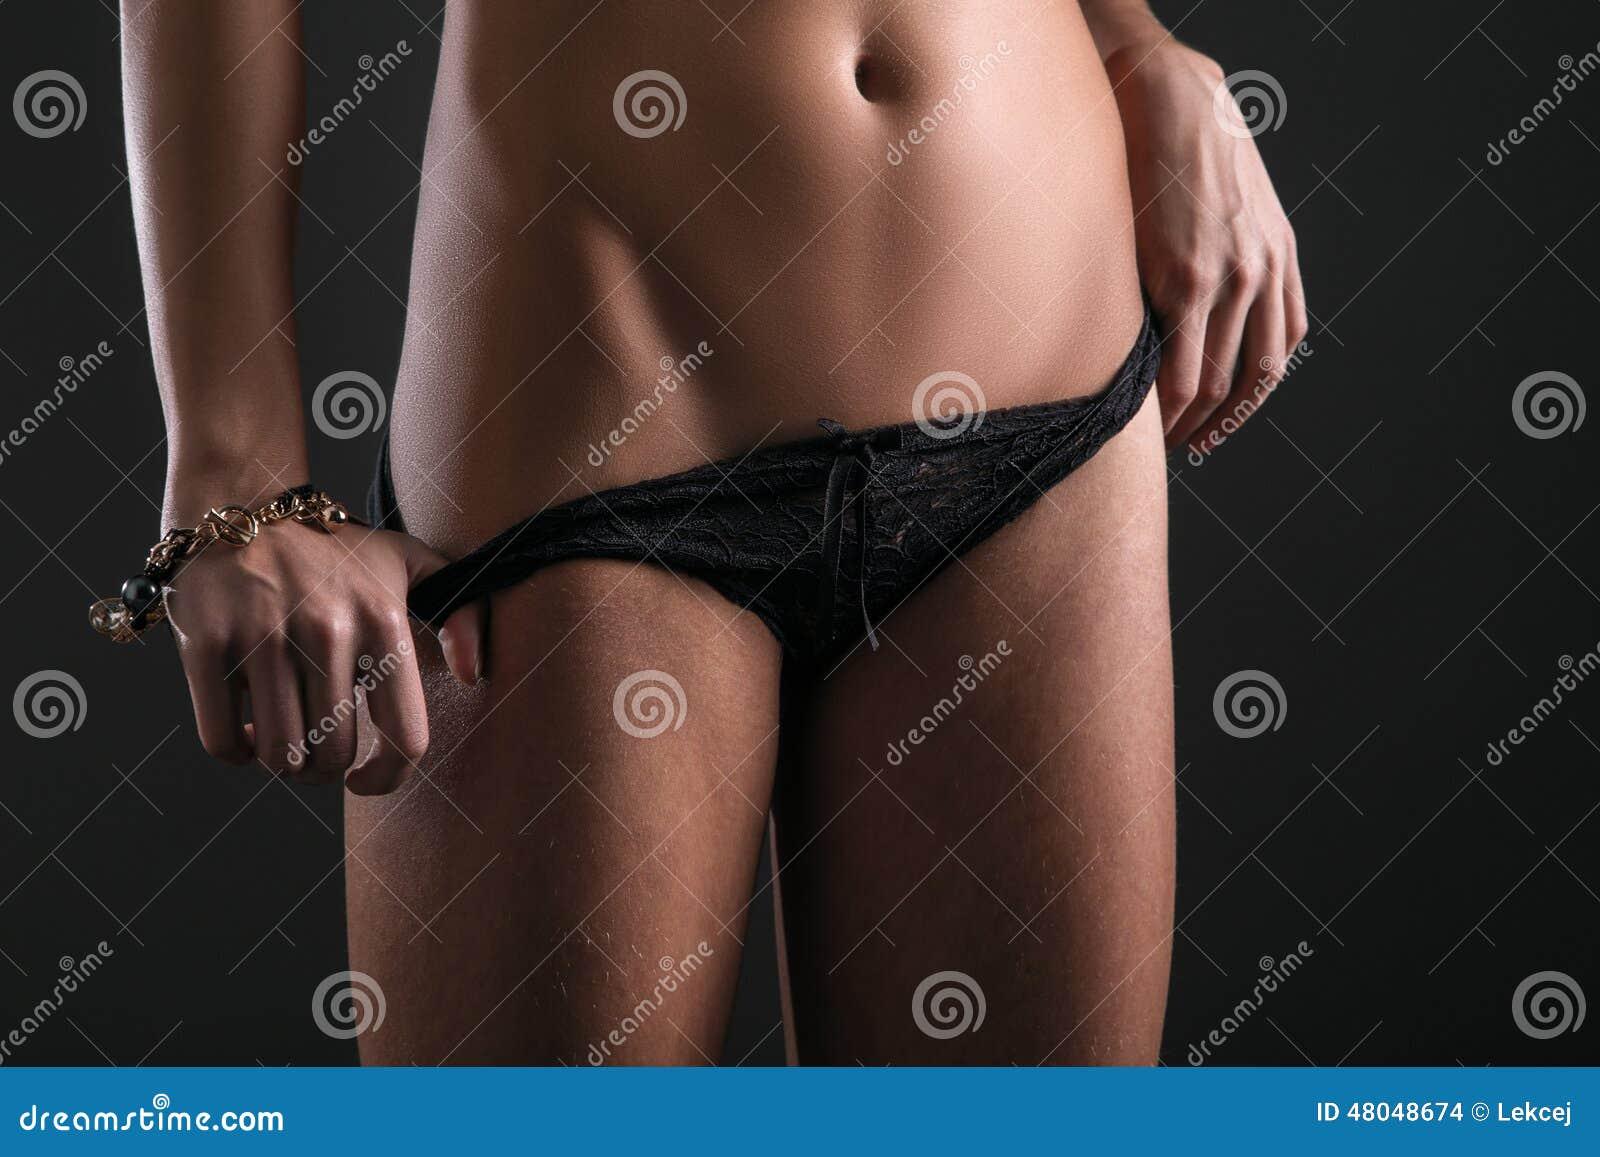 Body waxing for women